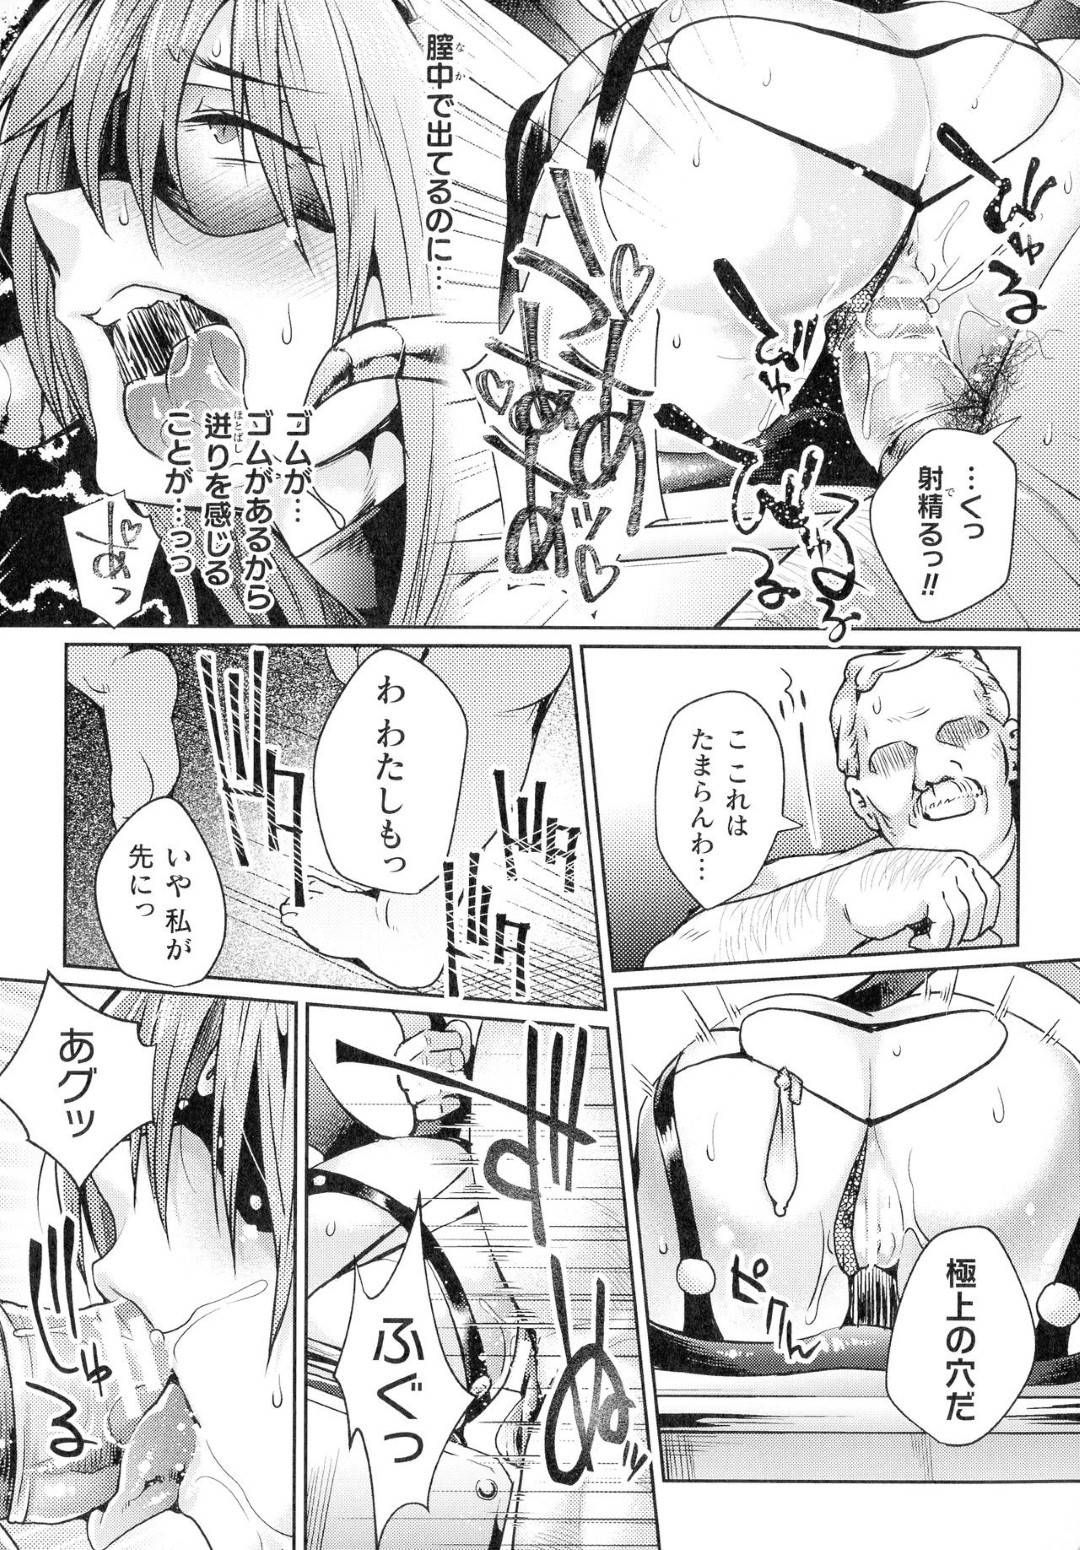 【サキュバスエロ漫画】人間たちに捕縛されたサキュバスは箱に入れられ器具を挿入され肉便器として男たちに次々と犯されてしまうも輪姦されるにつれ力を取り戻す【ジンナイ】